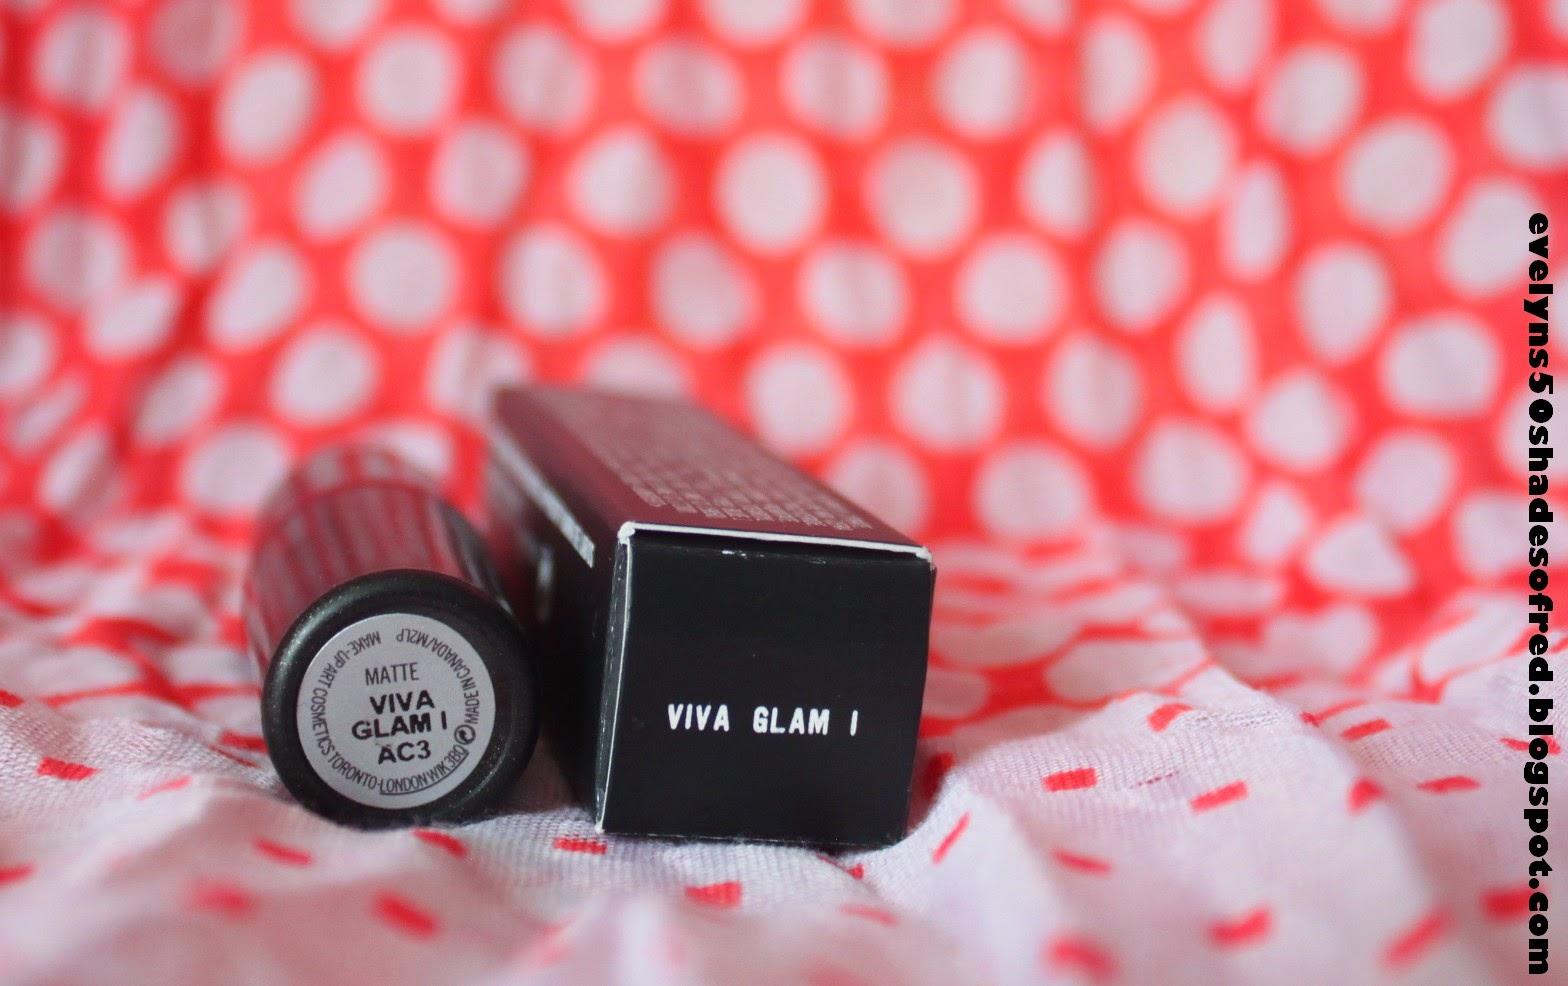 MAC Viva Glam I